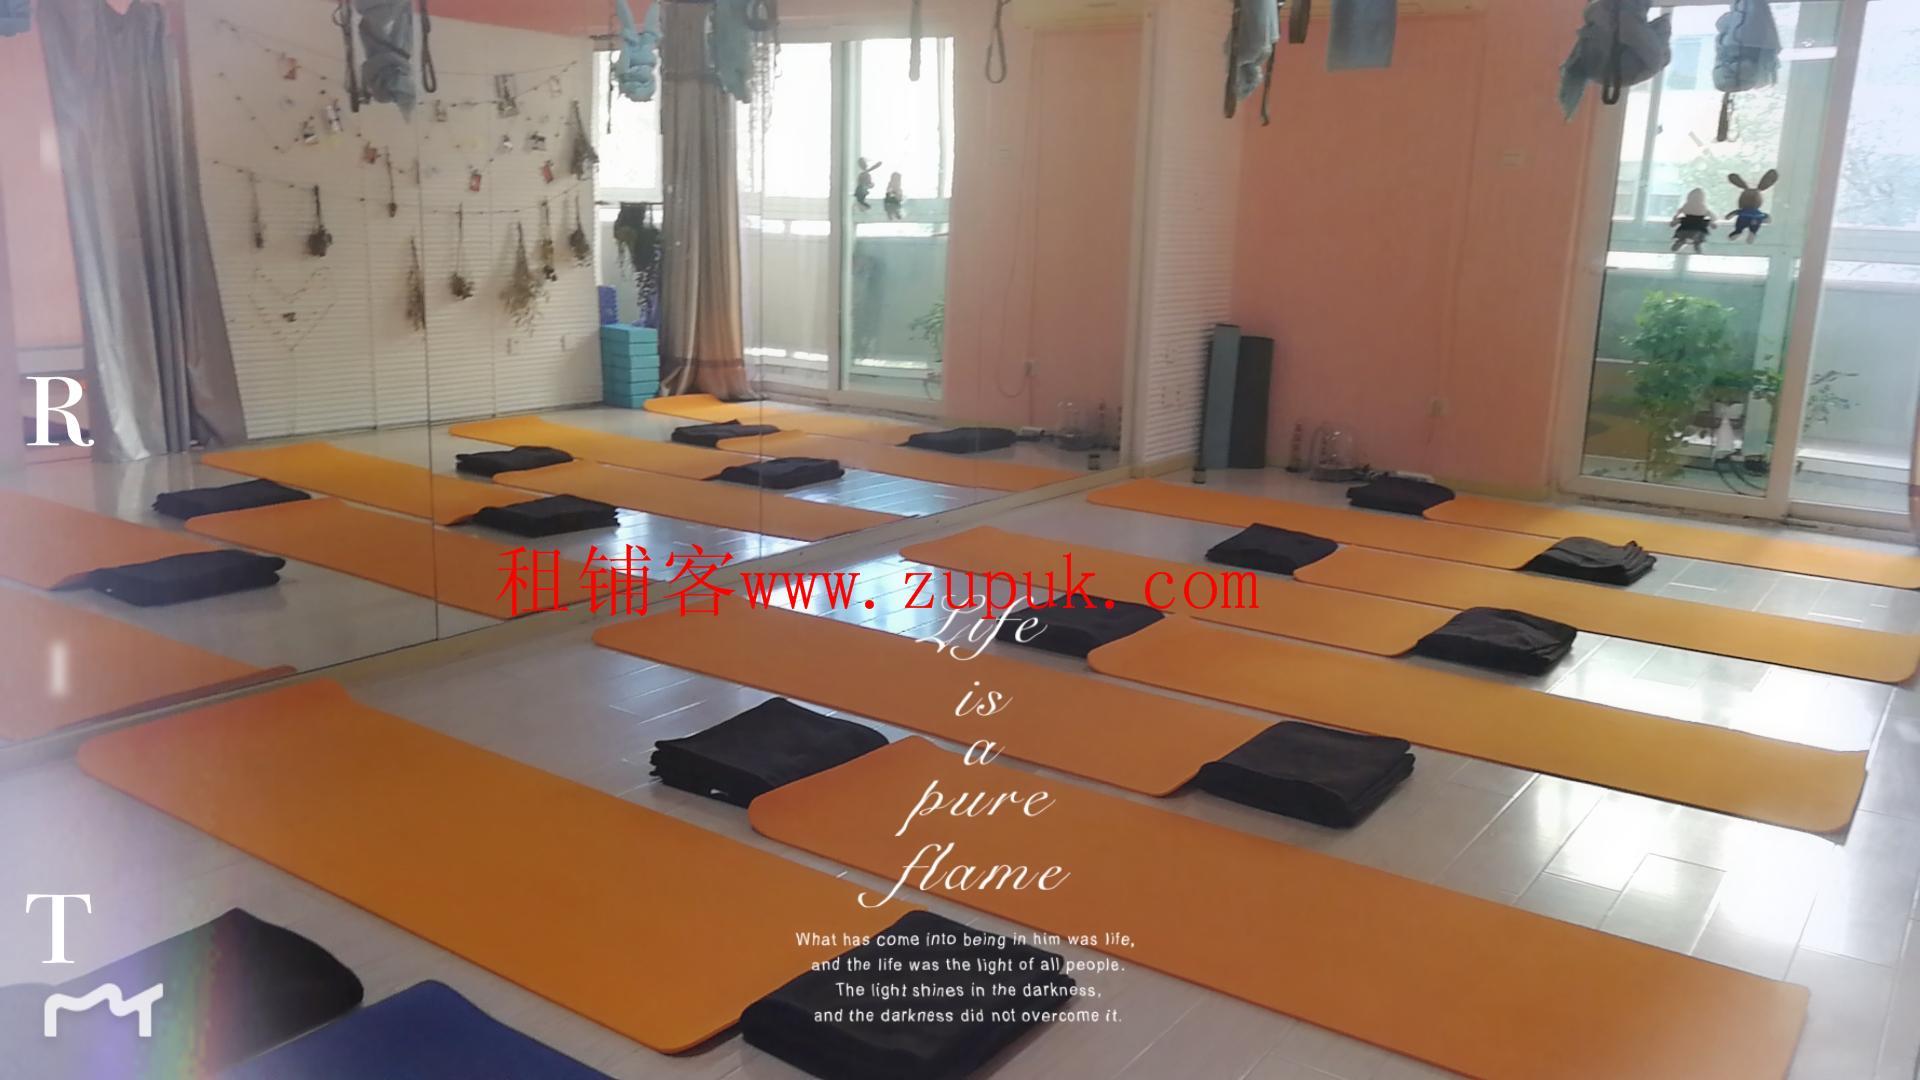 东城区  固定会员瑜伽馆  转让